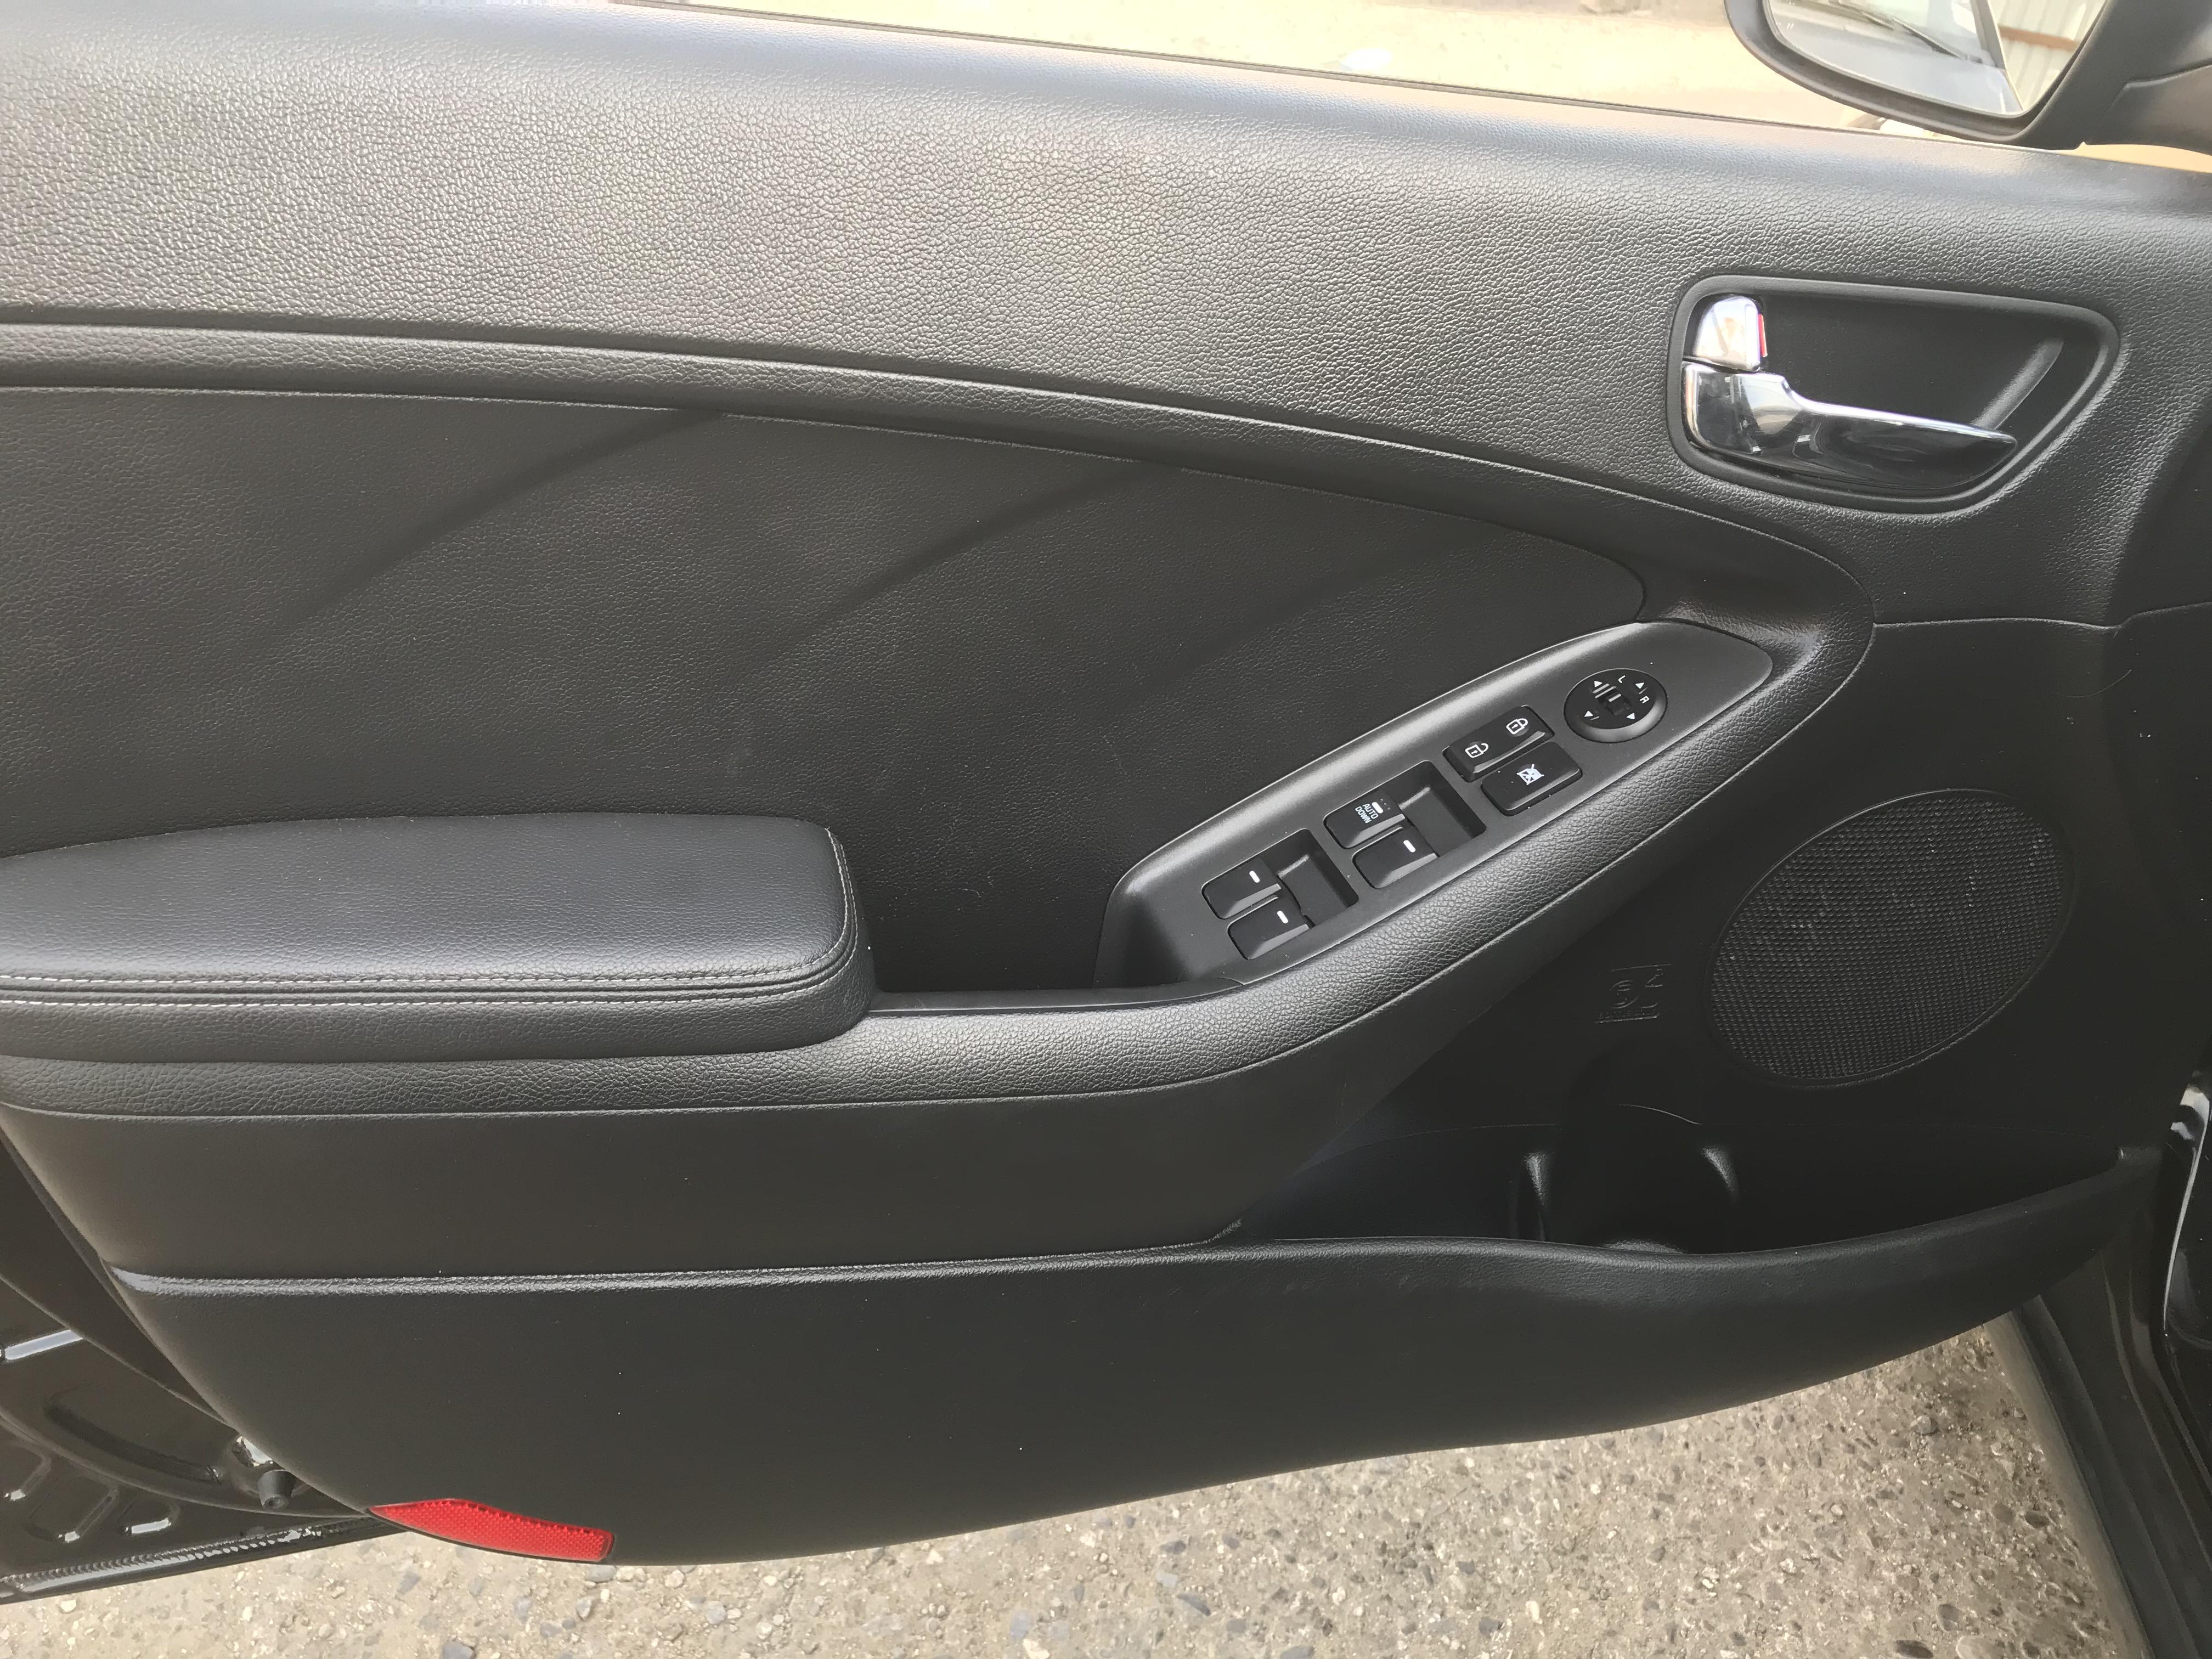 Kia Cerato 1.8(lt) 2014 Подержанный  $19900